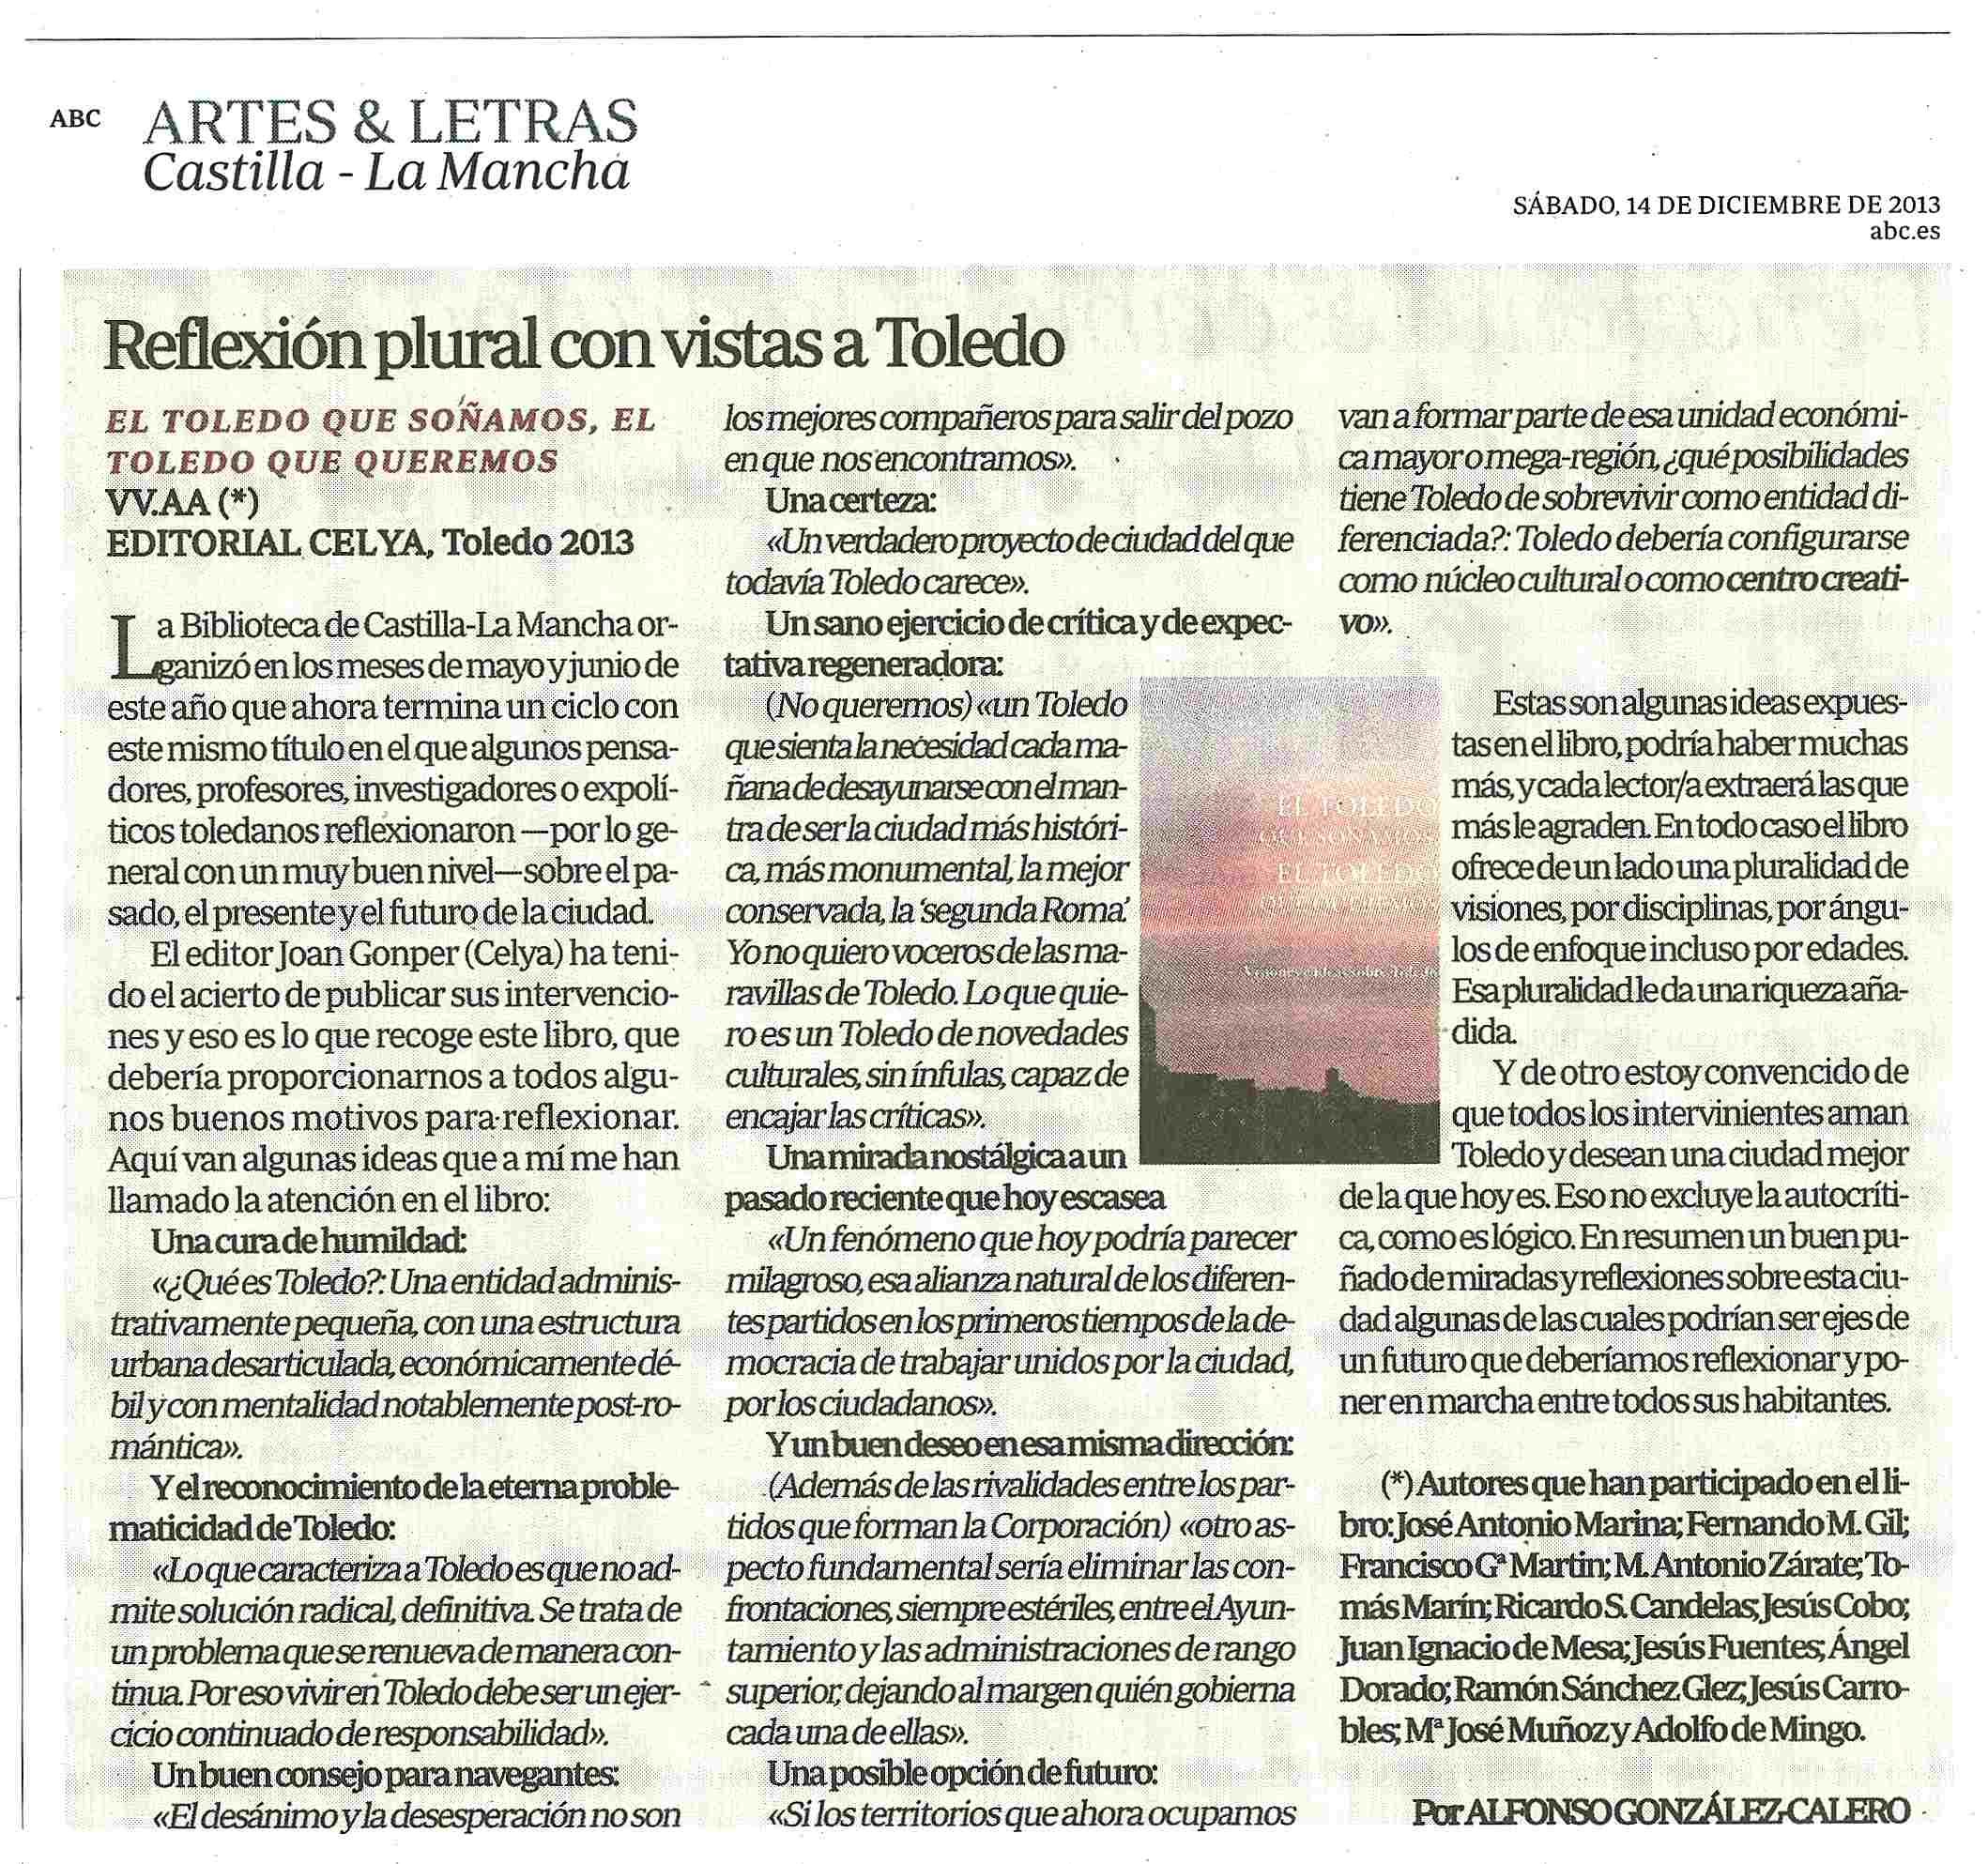 ABC : El Toledo que soñamos... Por Alfonso González-Calero.